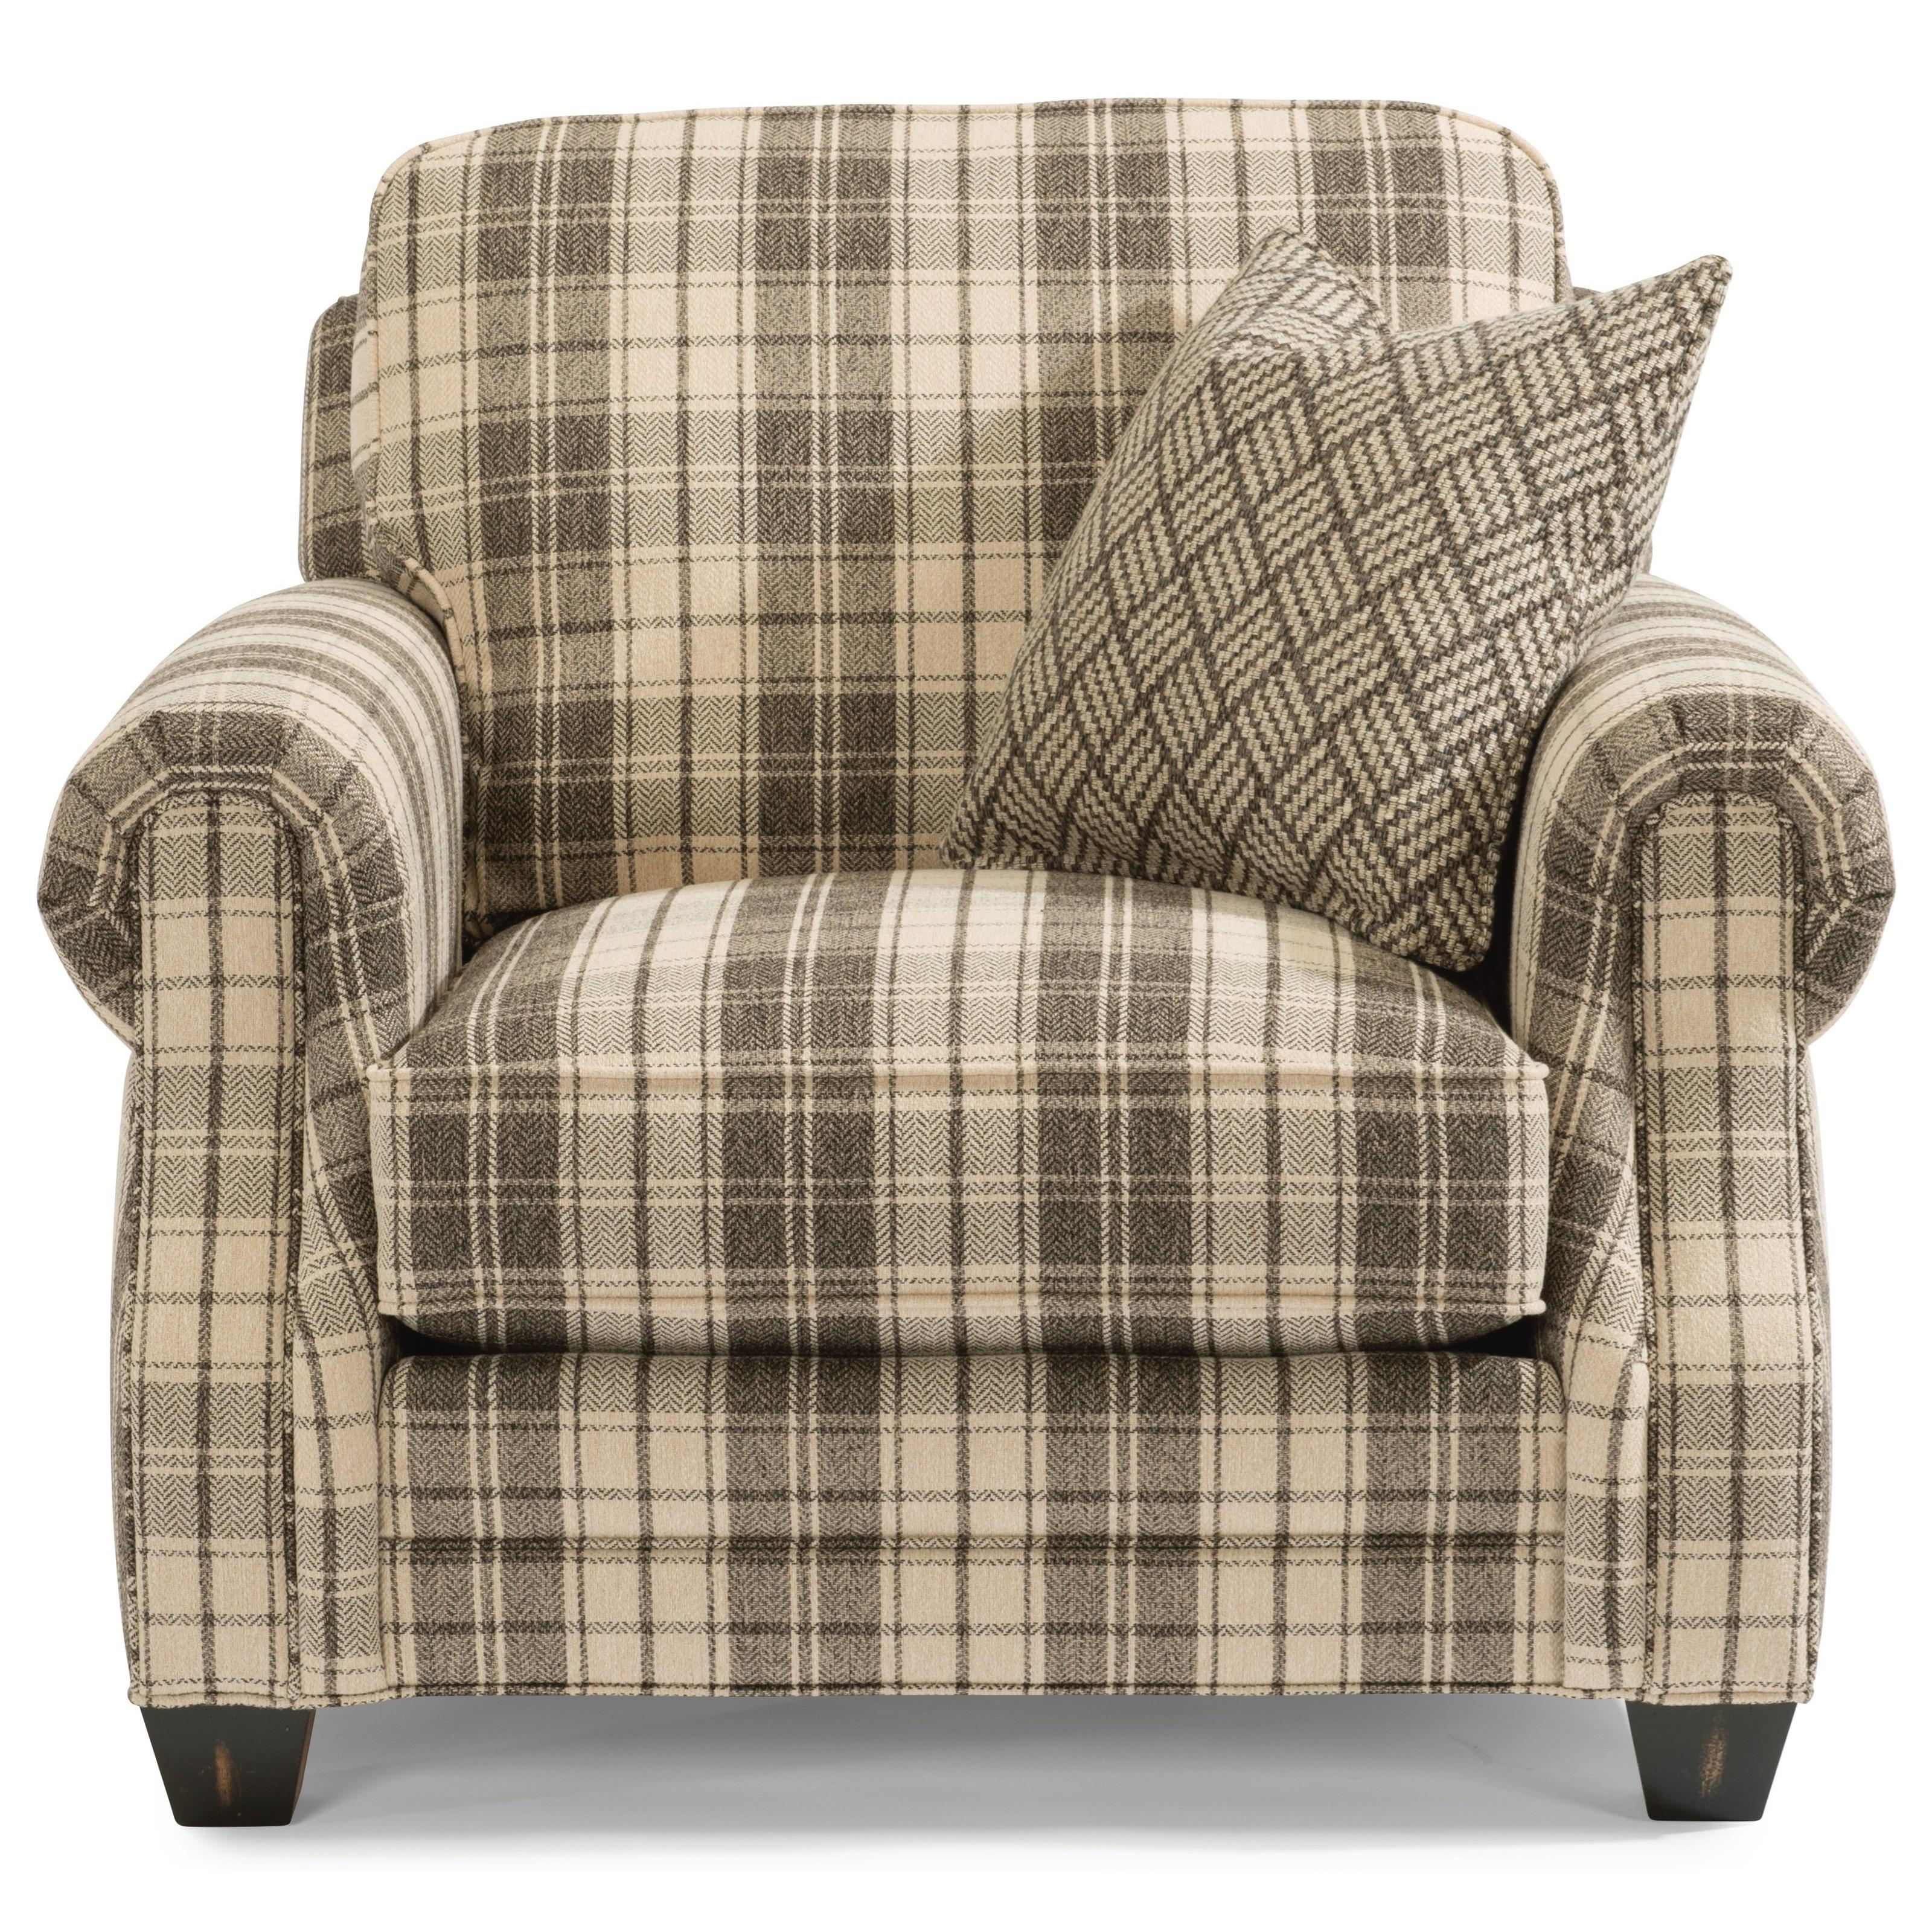 Flexsteel Gretchen Chair - Item Number: 7922-10-273-02